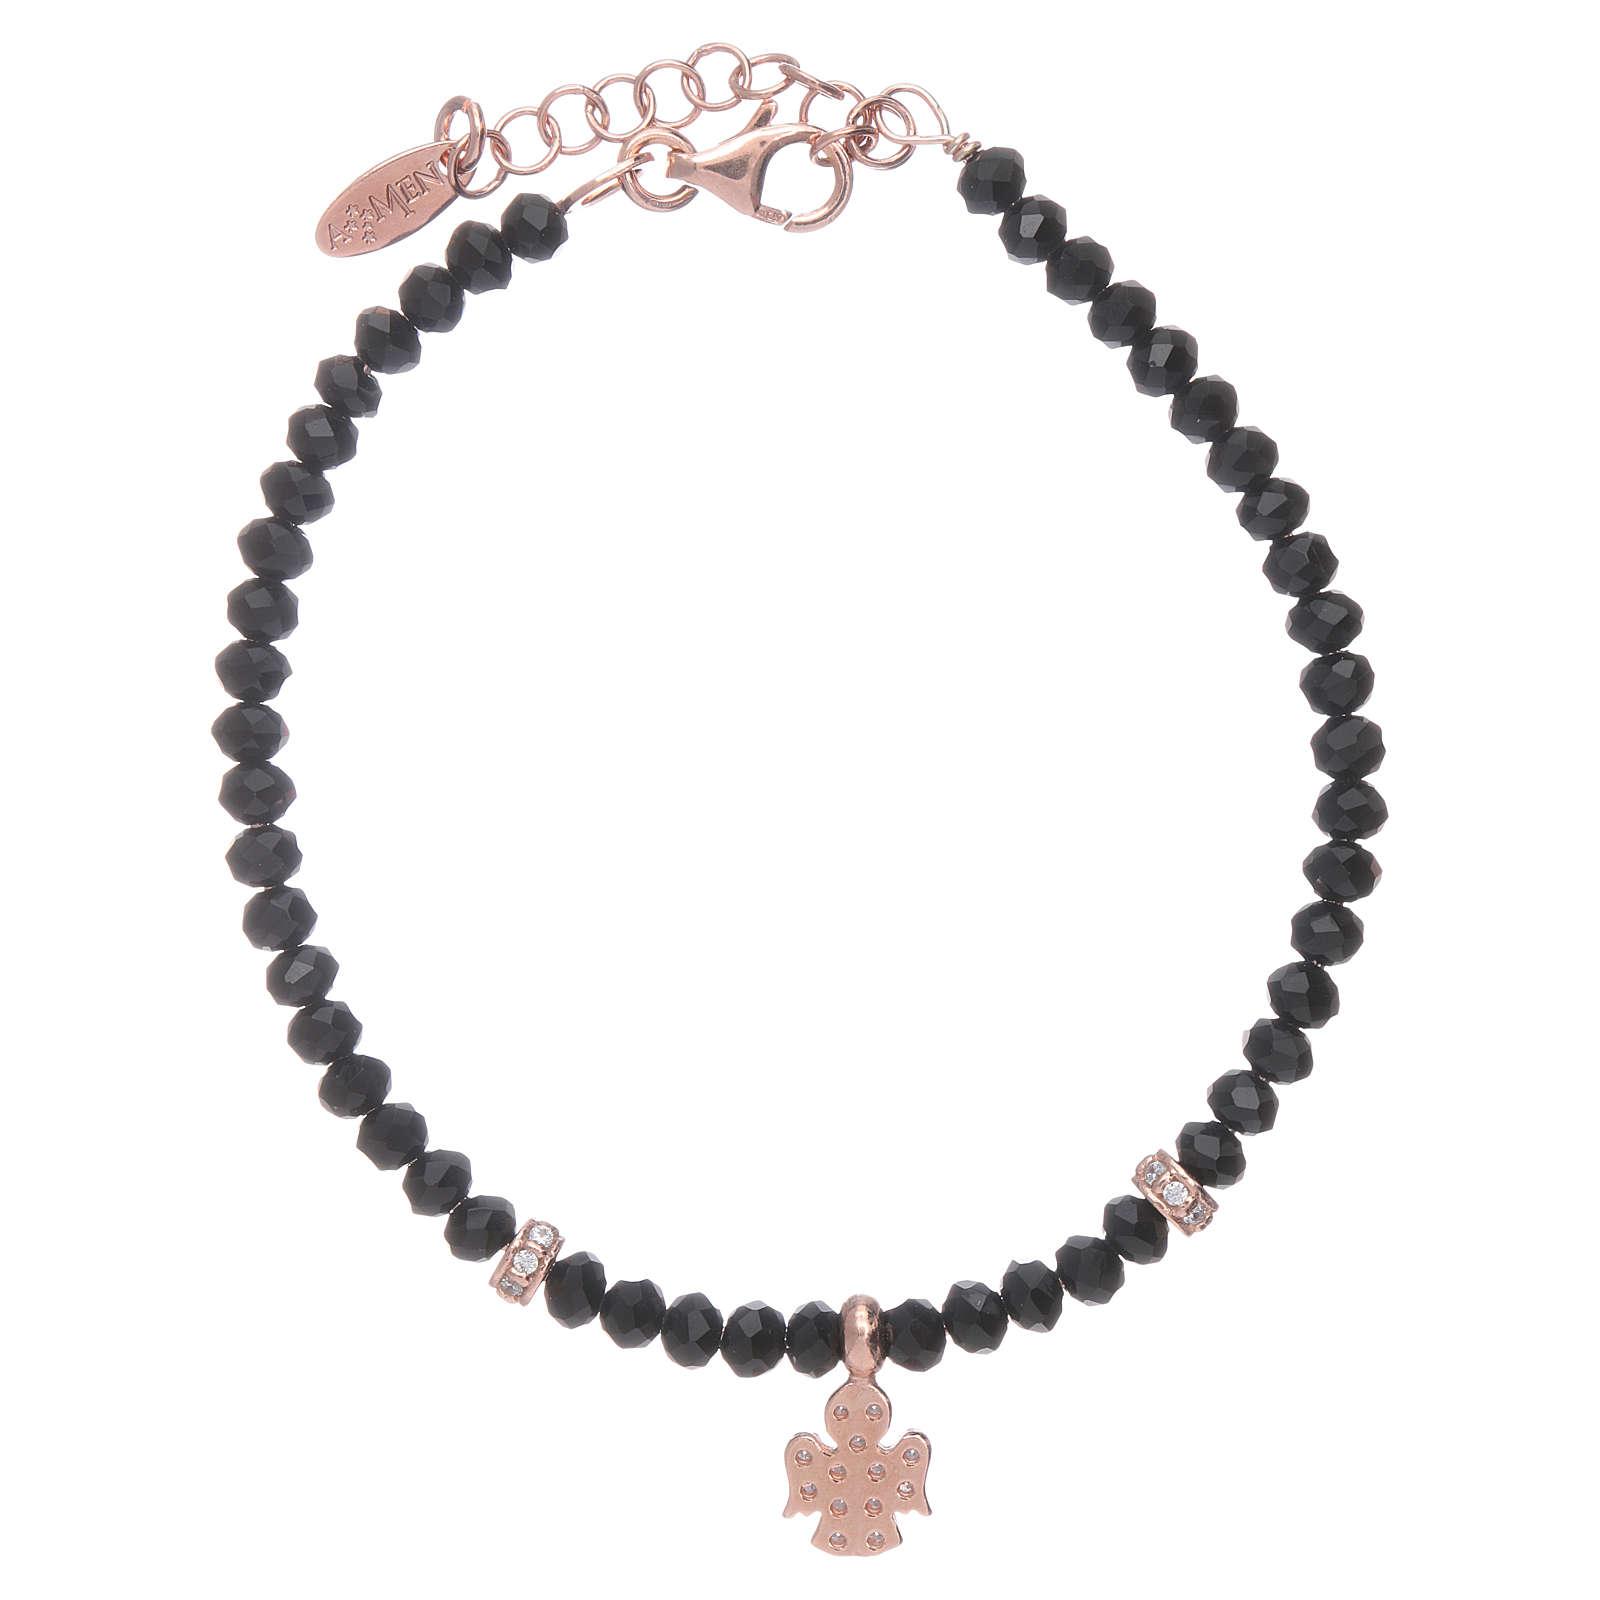 Bracciale Amen argento 925 rosé cristalli neri e angioletto di zirconi 4